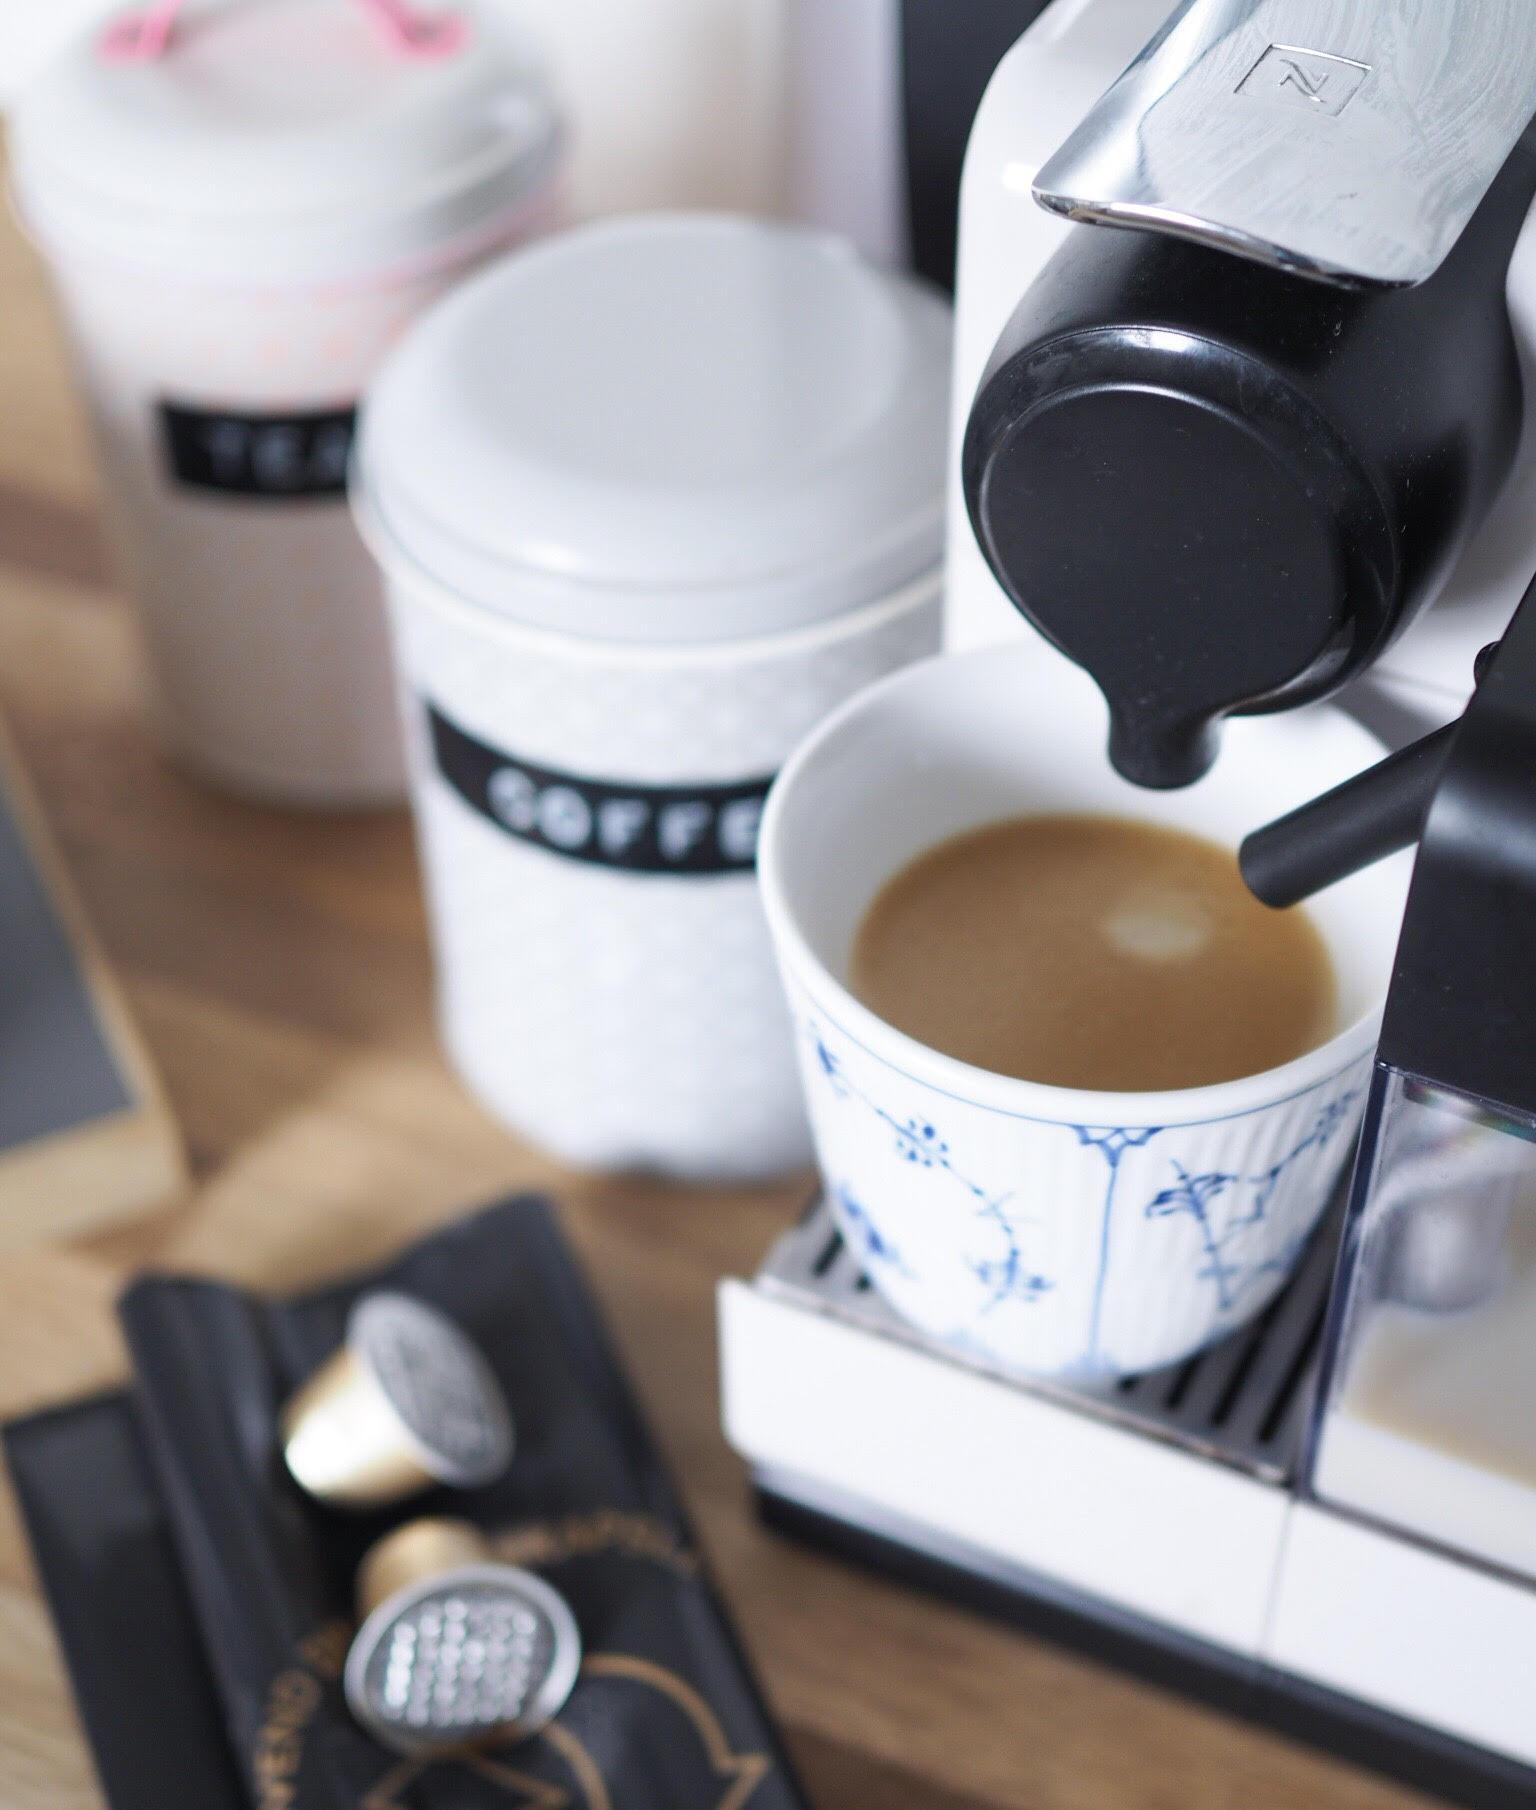 kaffemaskine og mælkseskummer - genbrug af kapsler fra Nespresso og aluminimum